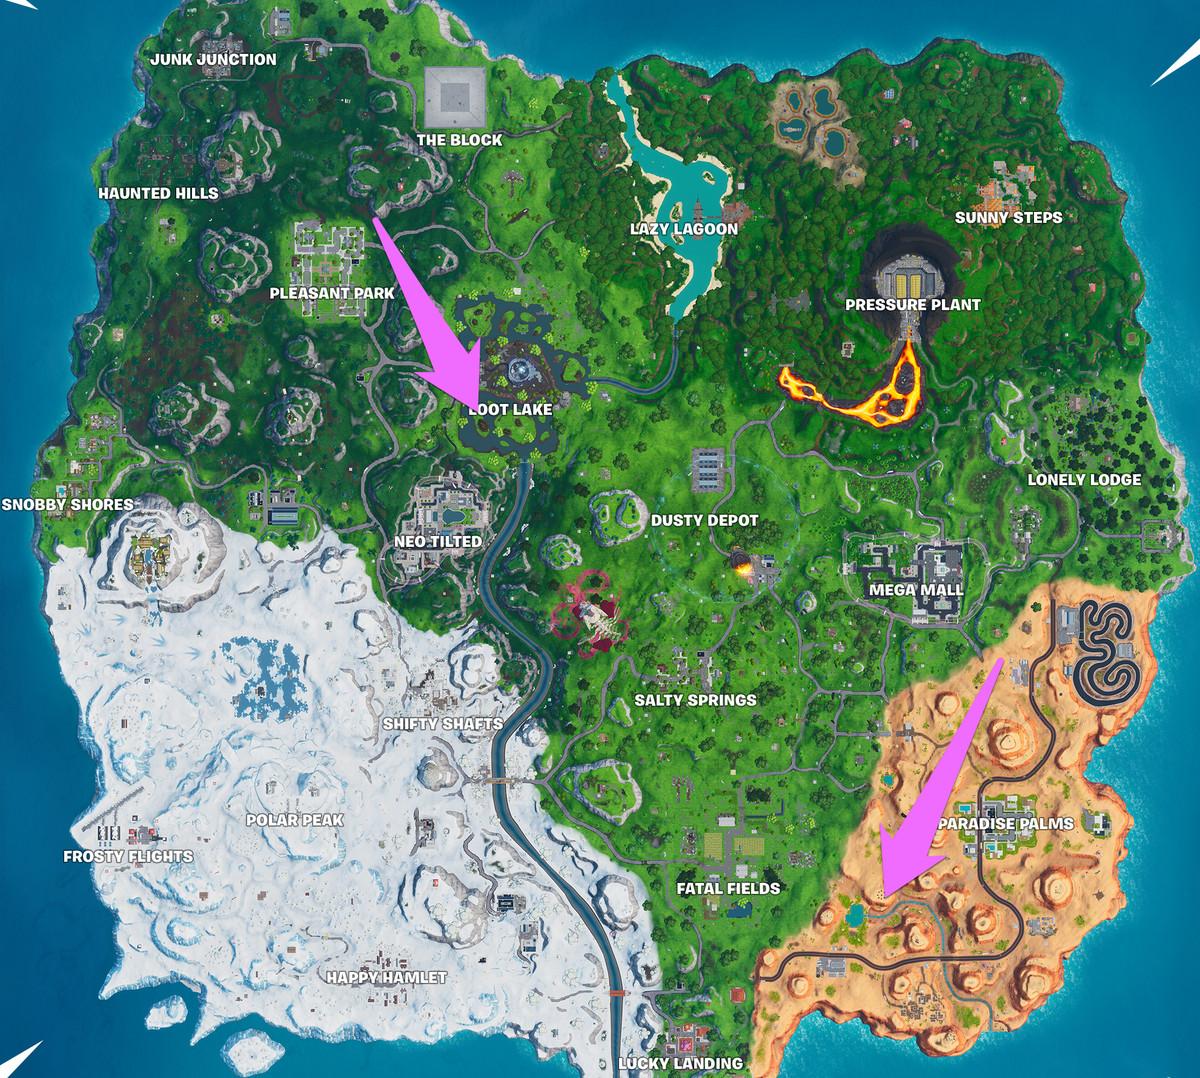 ال Fortnite خريطة بها سهام تشير إلى منطقة داخل بحيرة لوت جنوب وسطها ، ومنطقة جنوب غرب سالتي سبرينغز